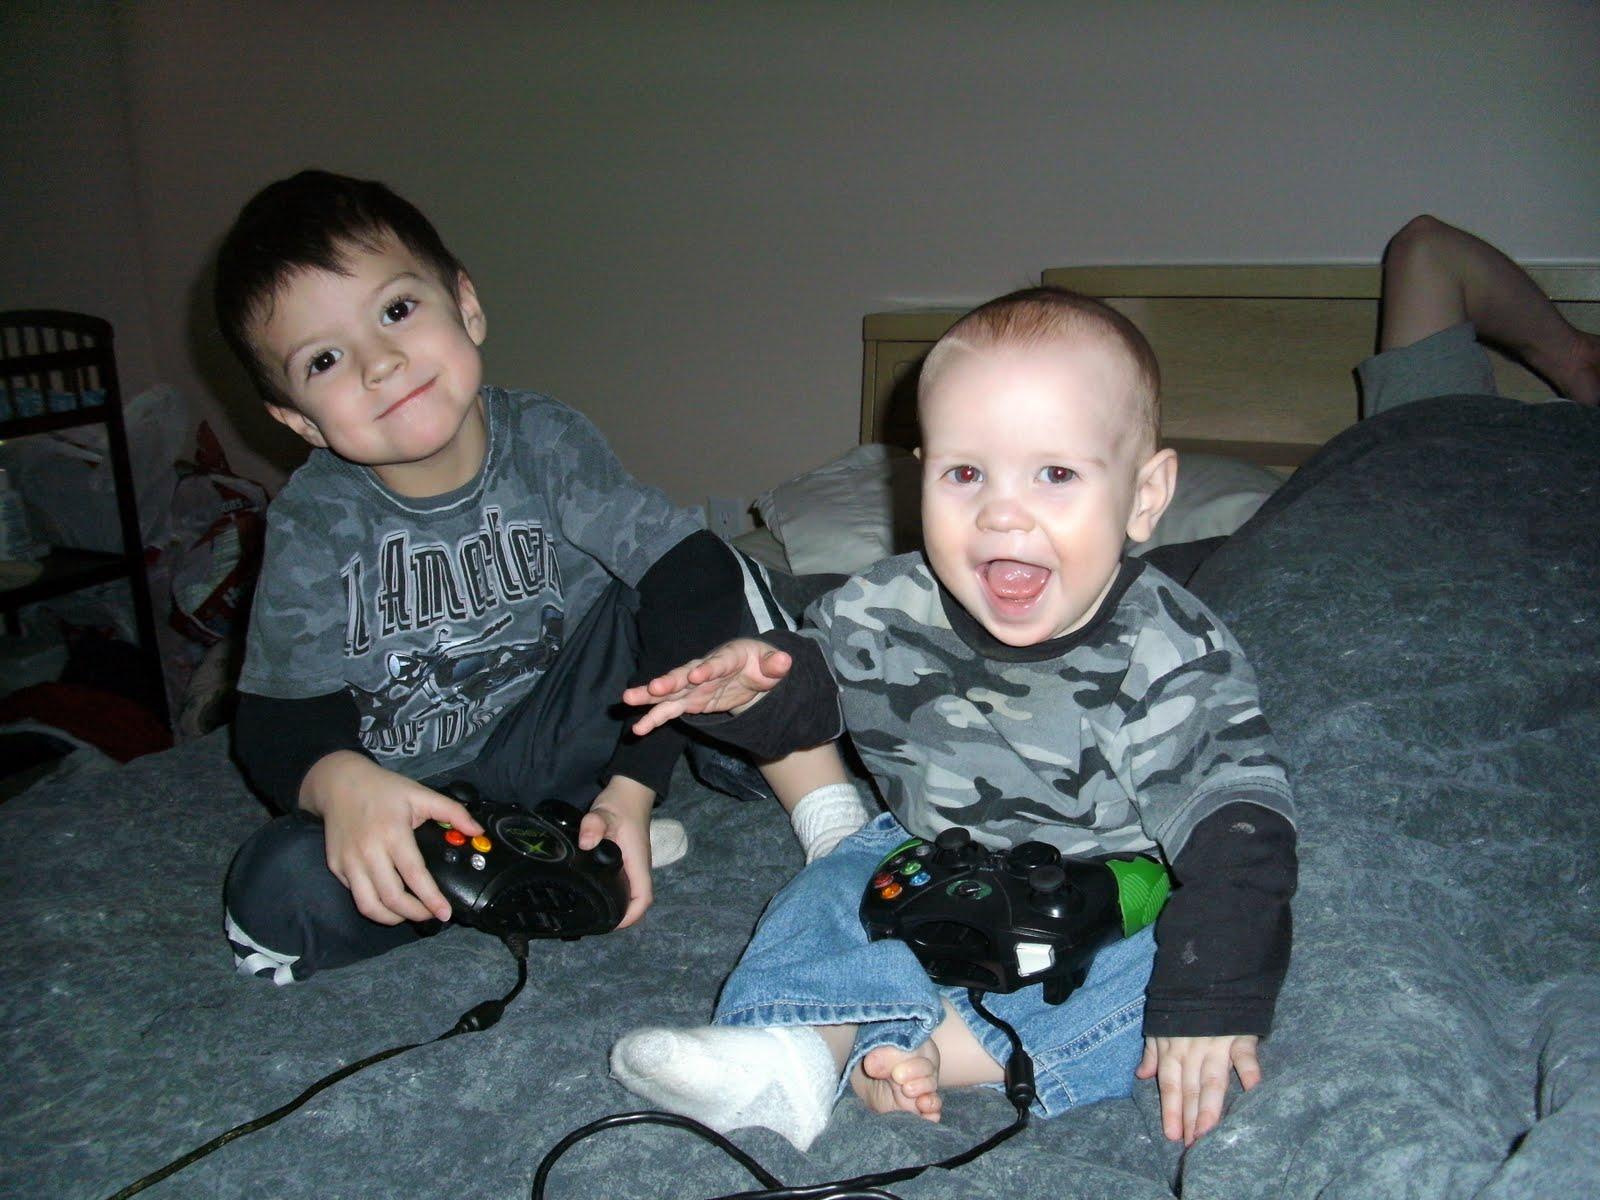 Ученые не нашли вредного влияния видеоигр на детей - Изображение 1